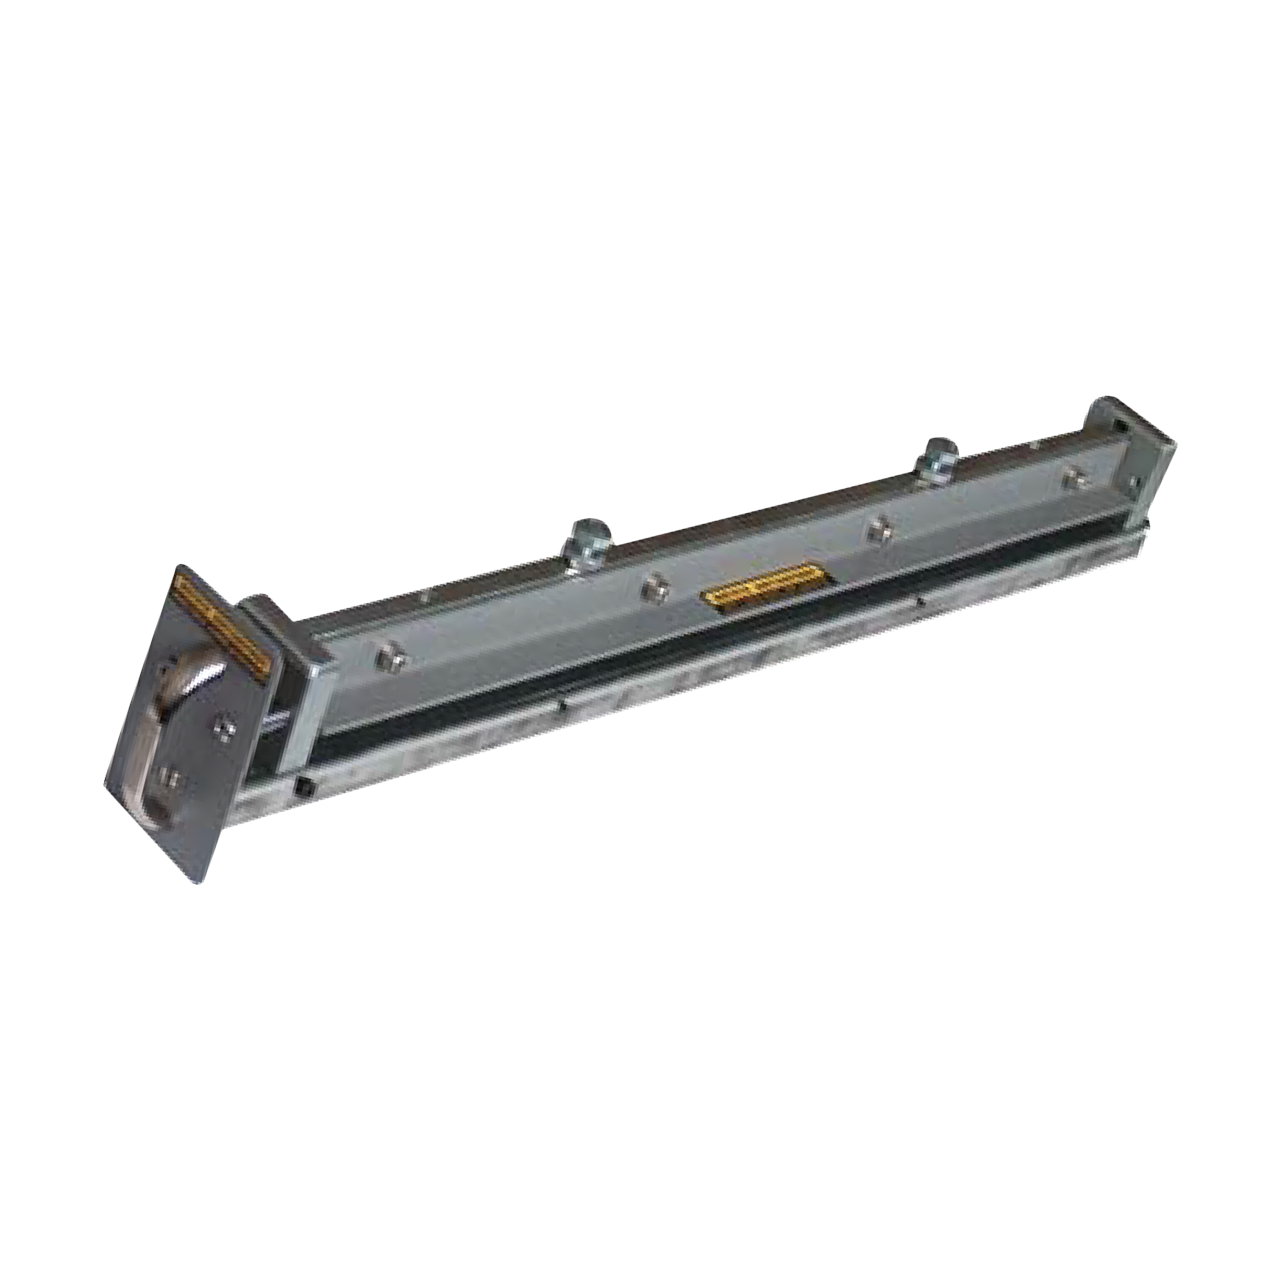 Perforierwerkzeug für RM 300 - 360 und RM 300 - 460, Grammatur 400 g/qm